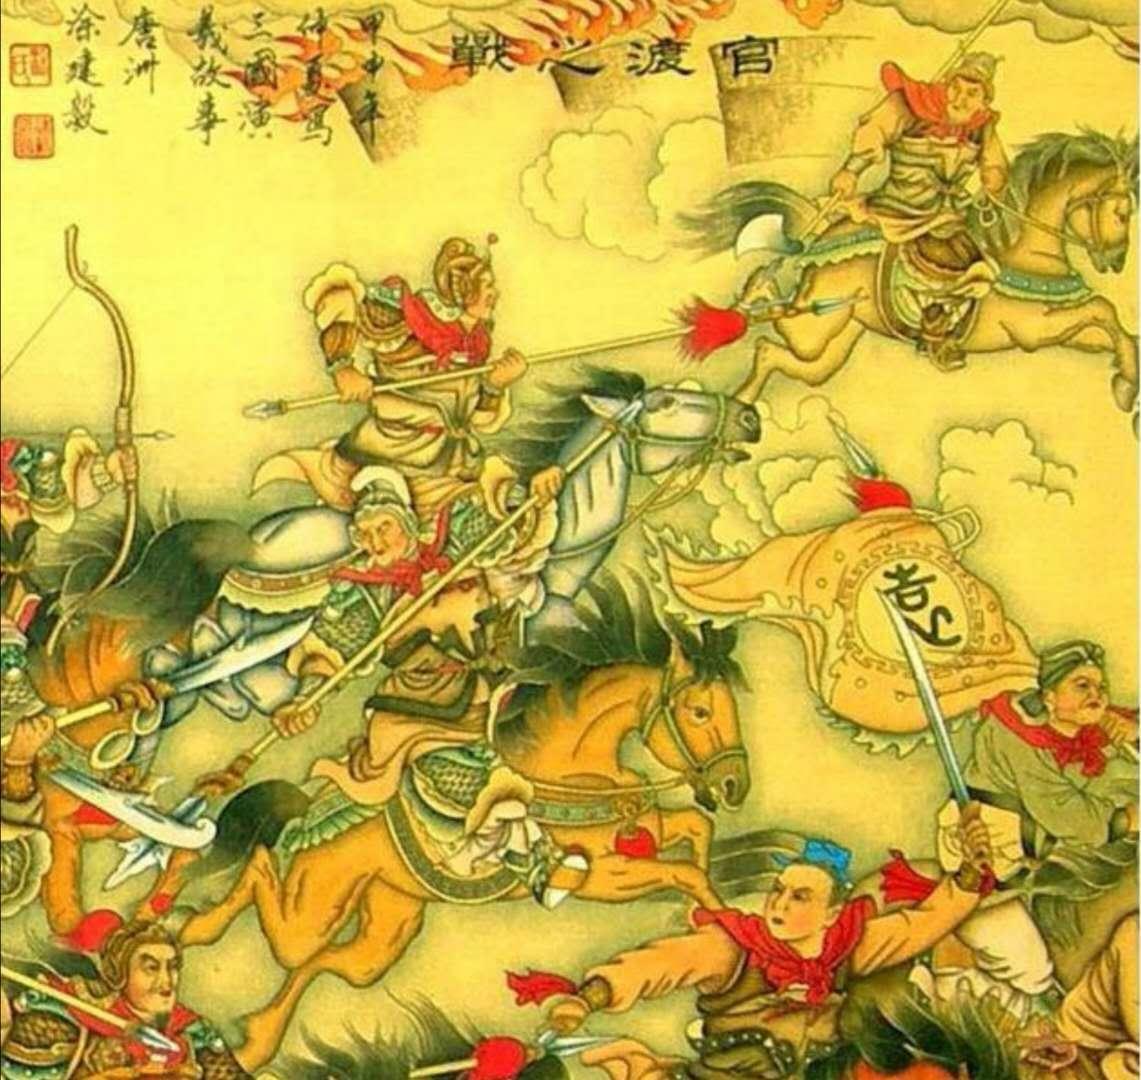 官渡之战:曹操成就霸业关键之战,此战的胜利,原本应该属于袁绍